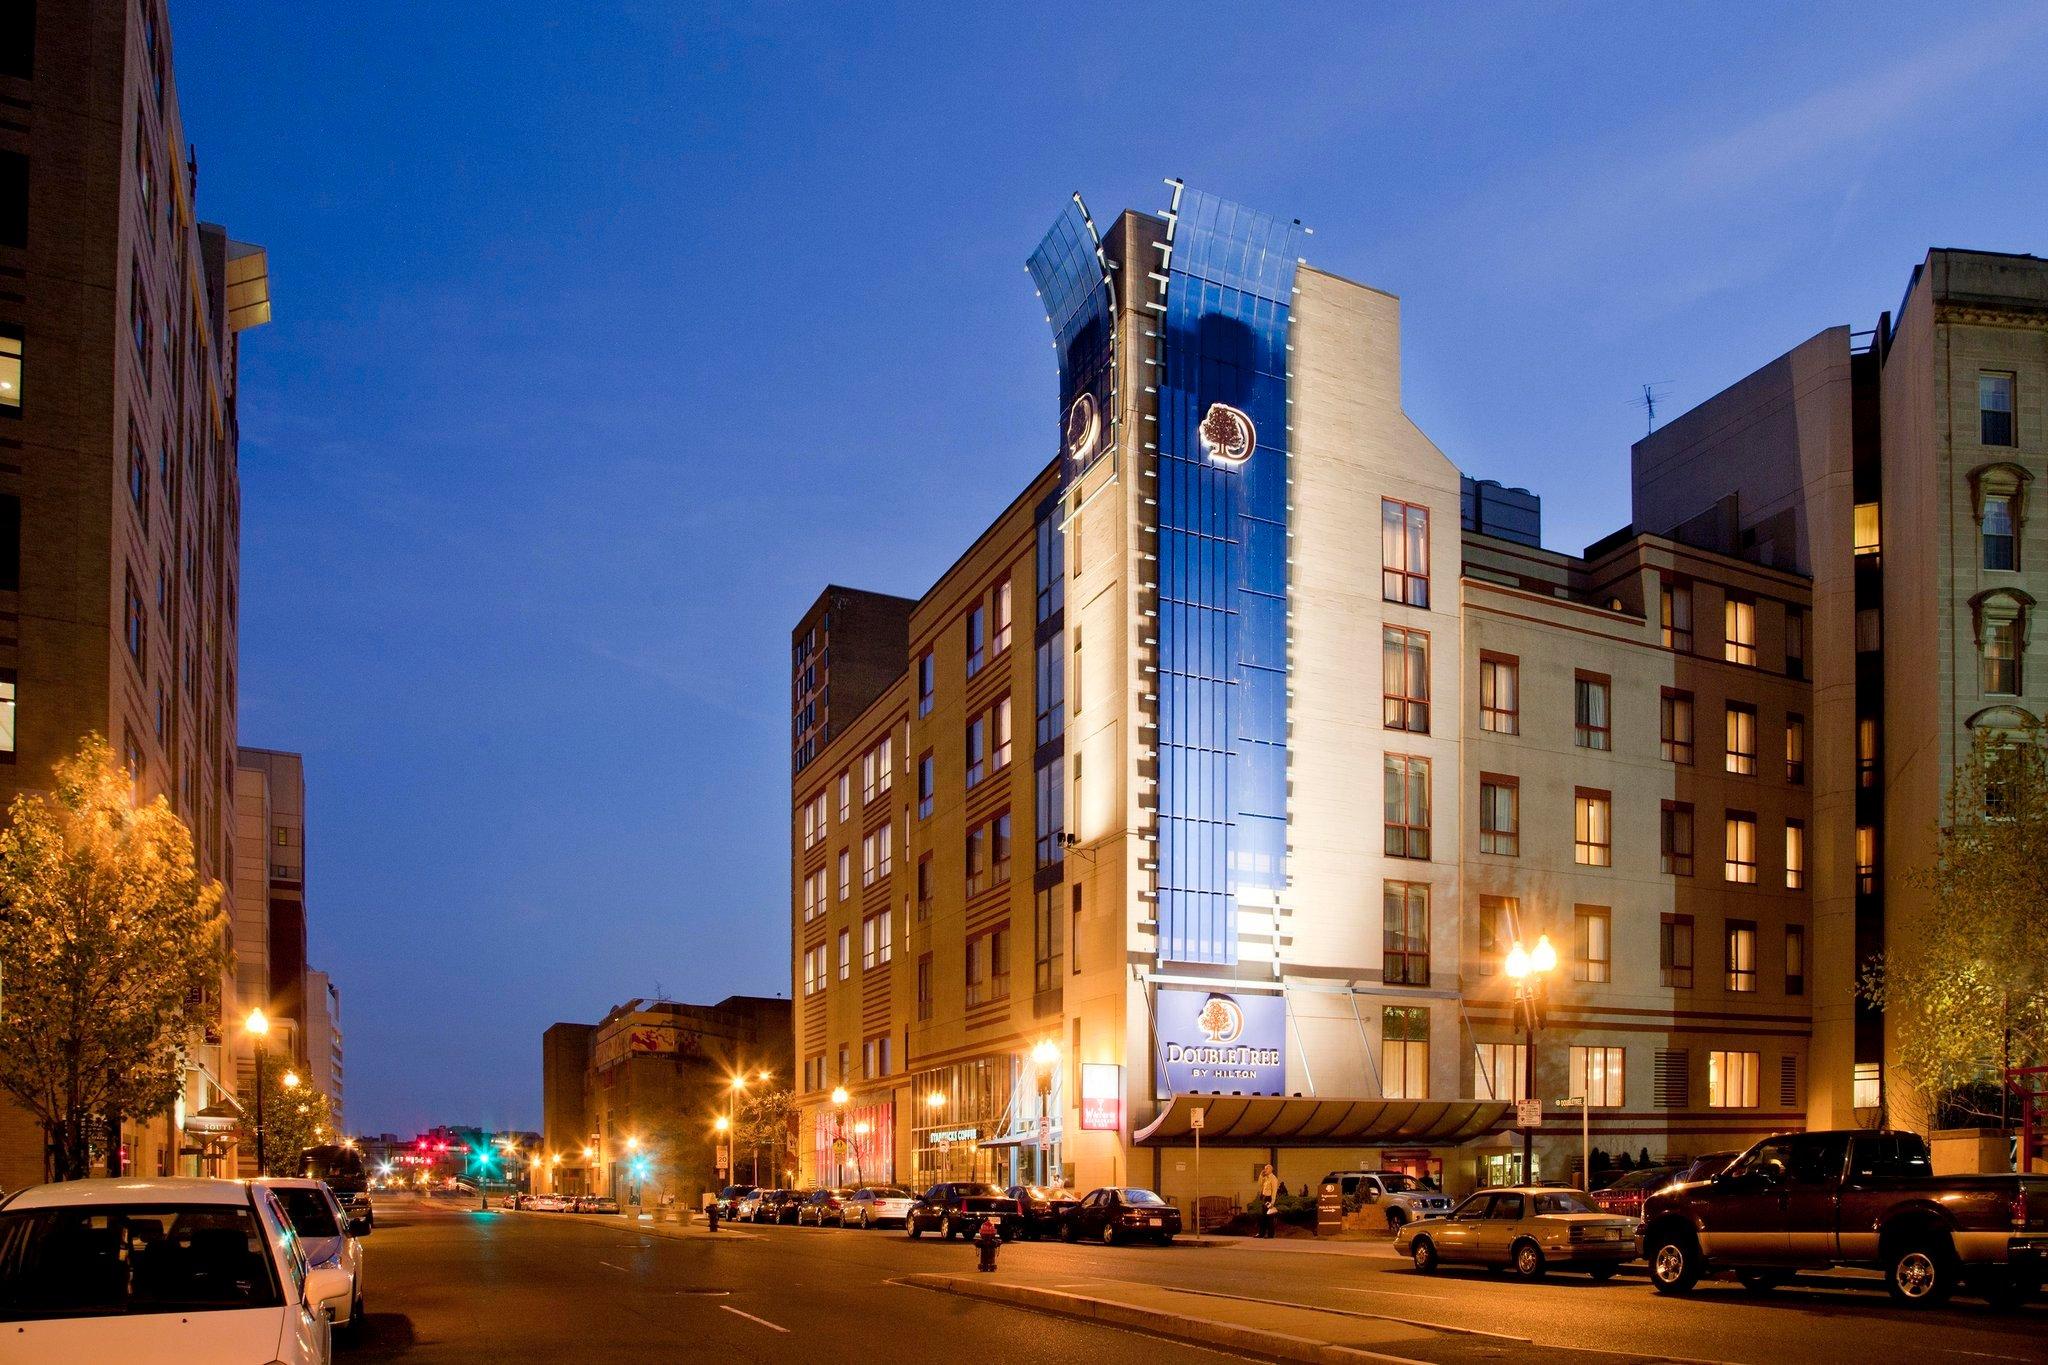 ダブルツリー ホテル ボストン ダウンタウン